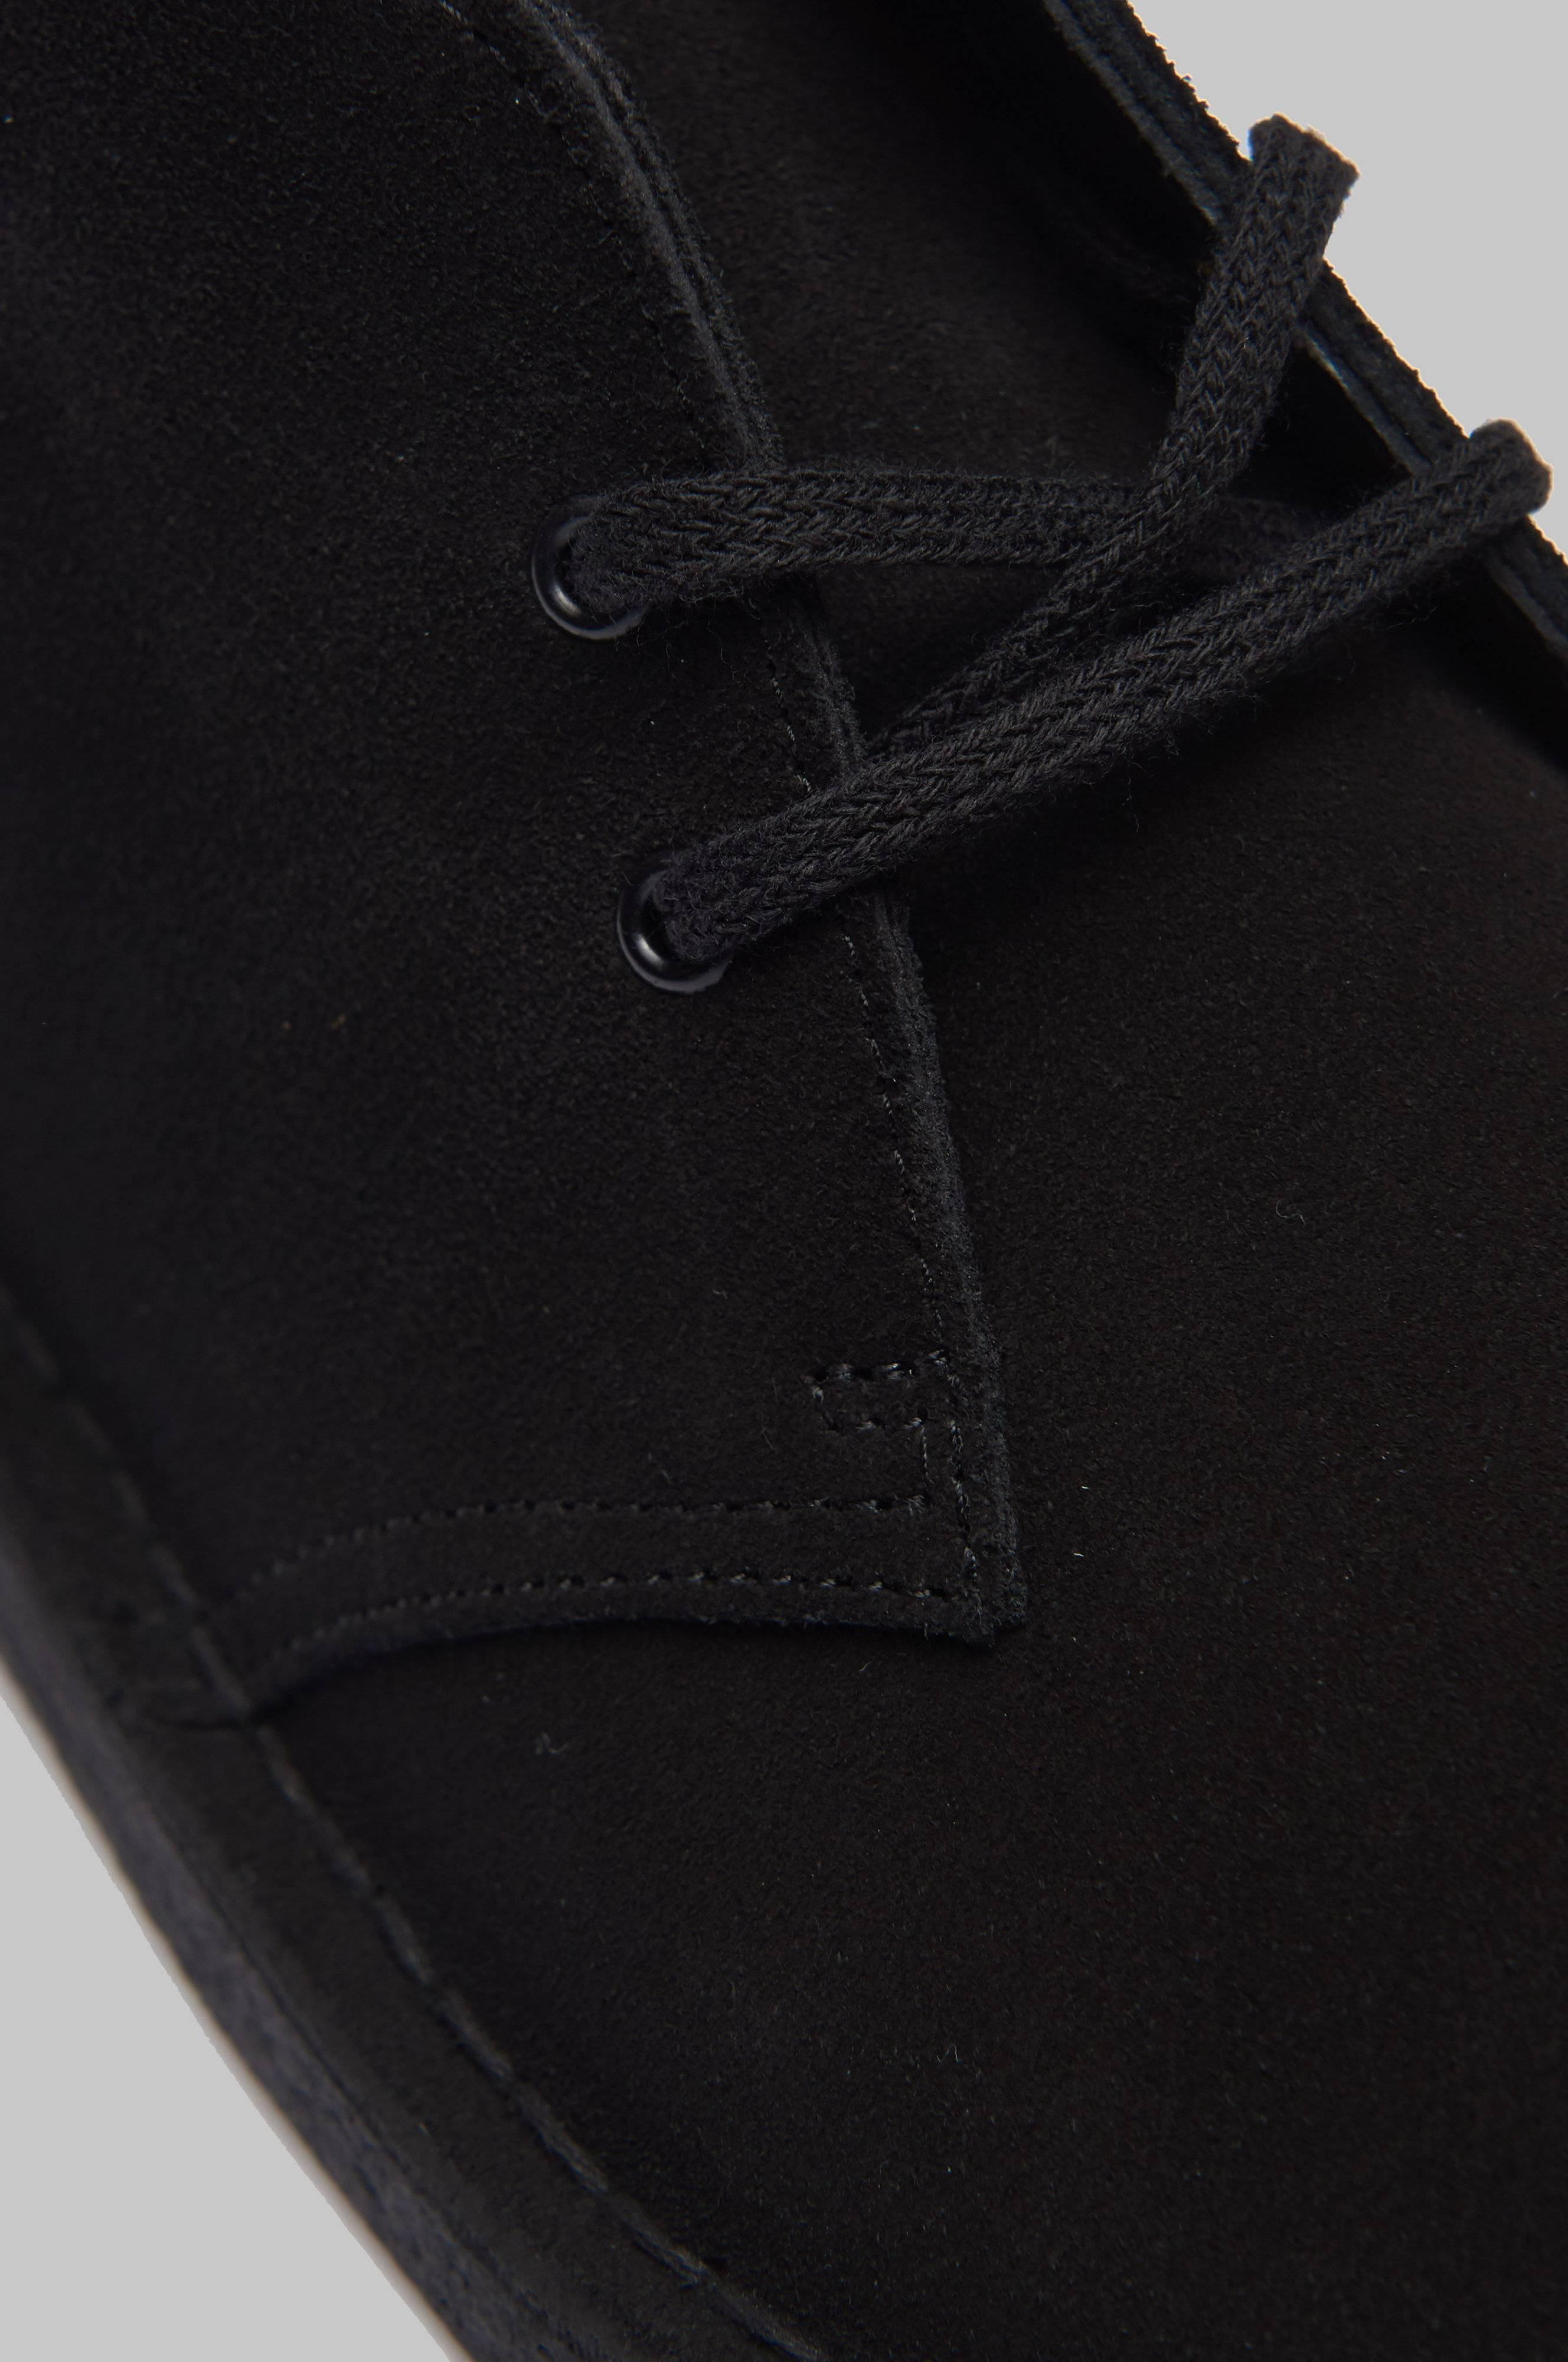 Clarks Originals Boots Desert Boot Suede